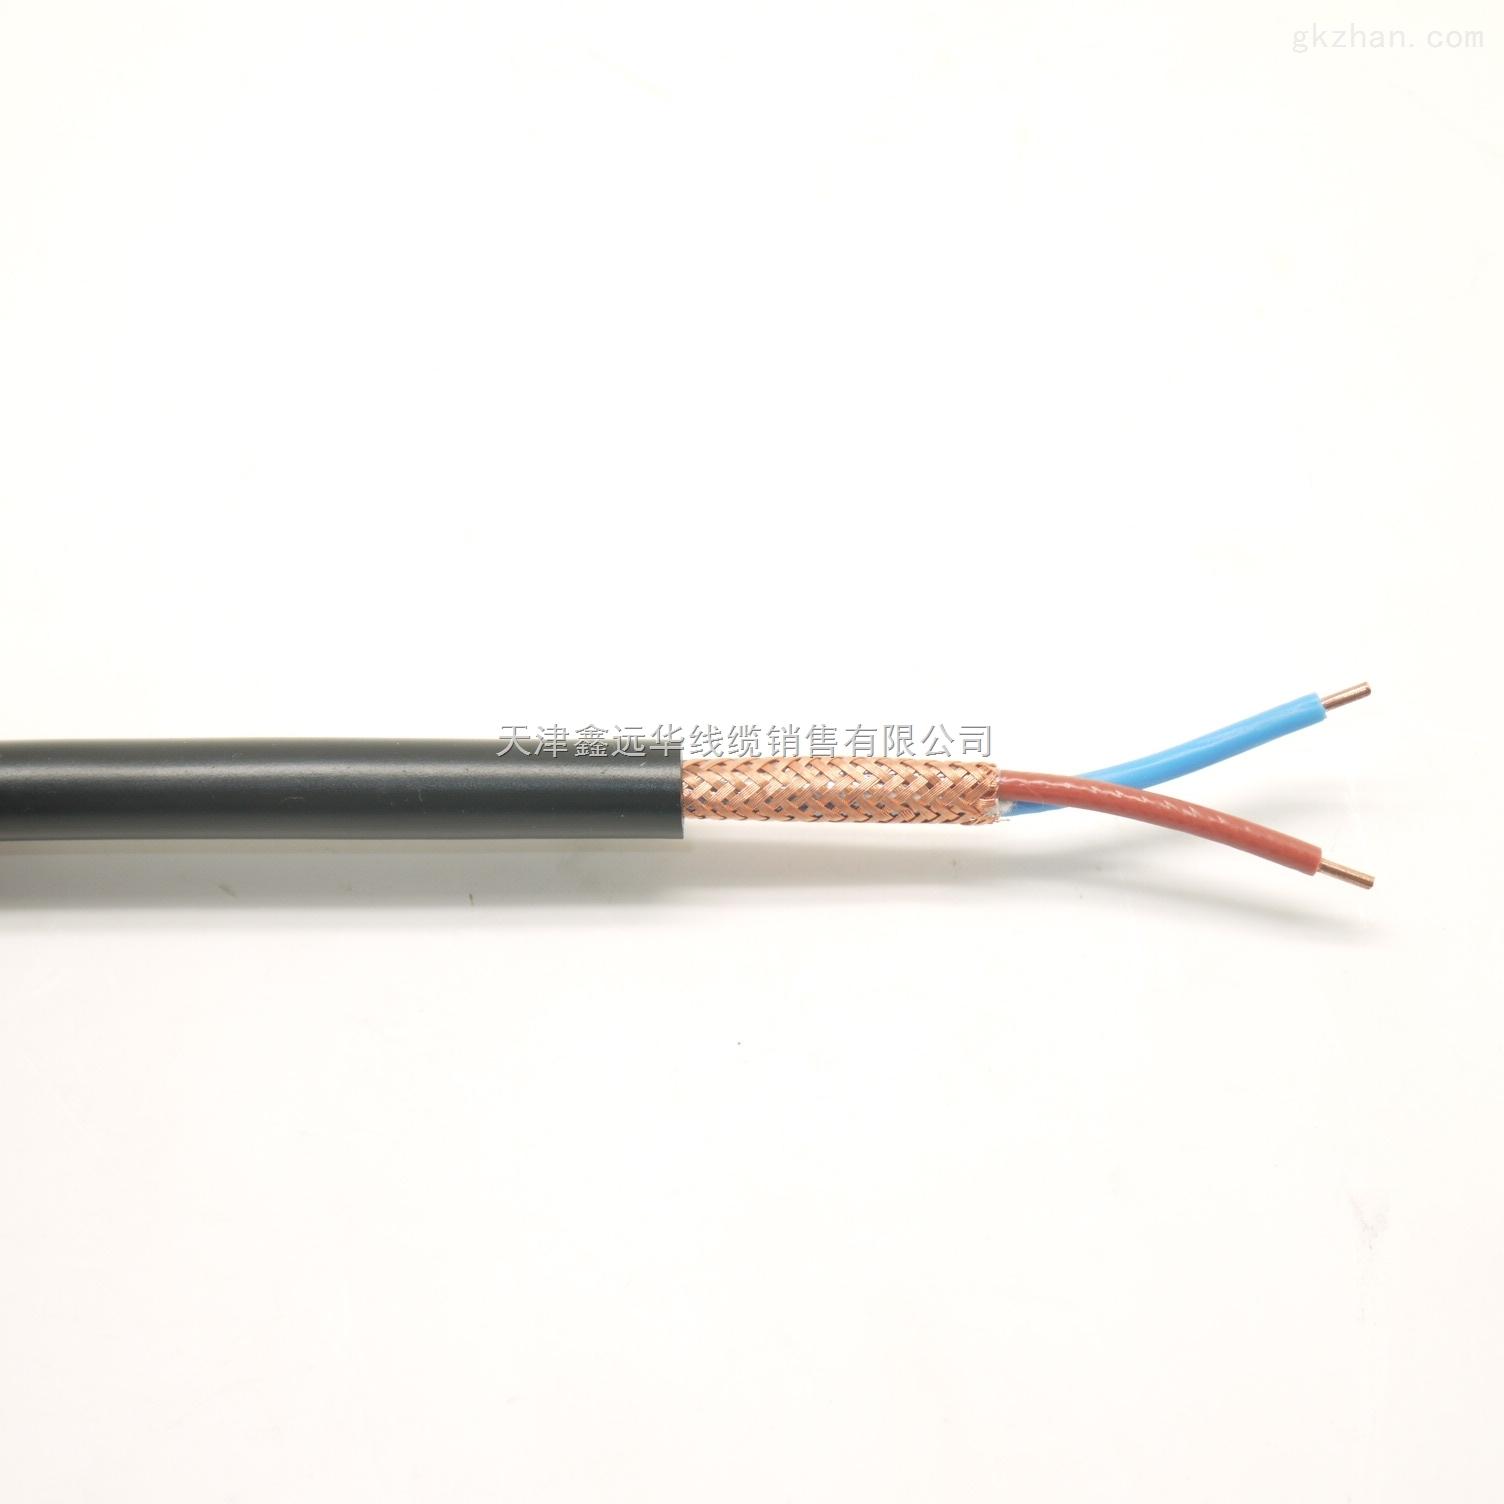 kvvp屏蔽电缆厂家